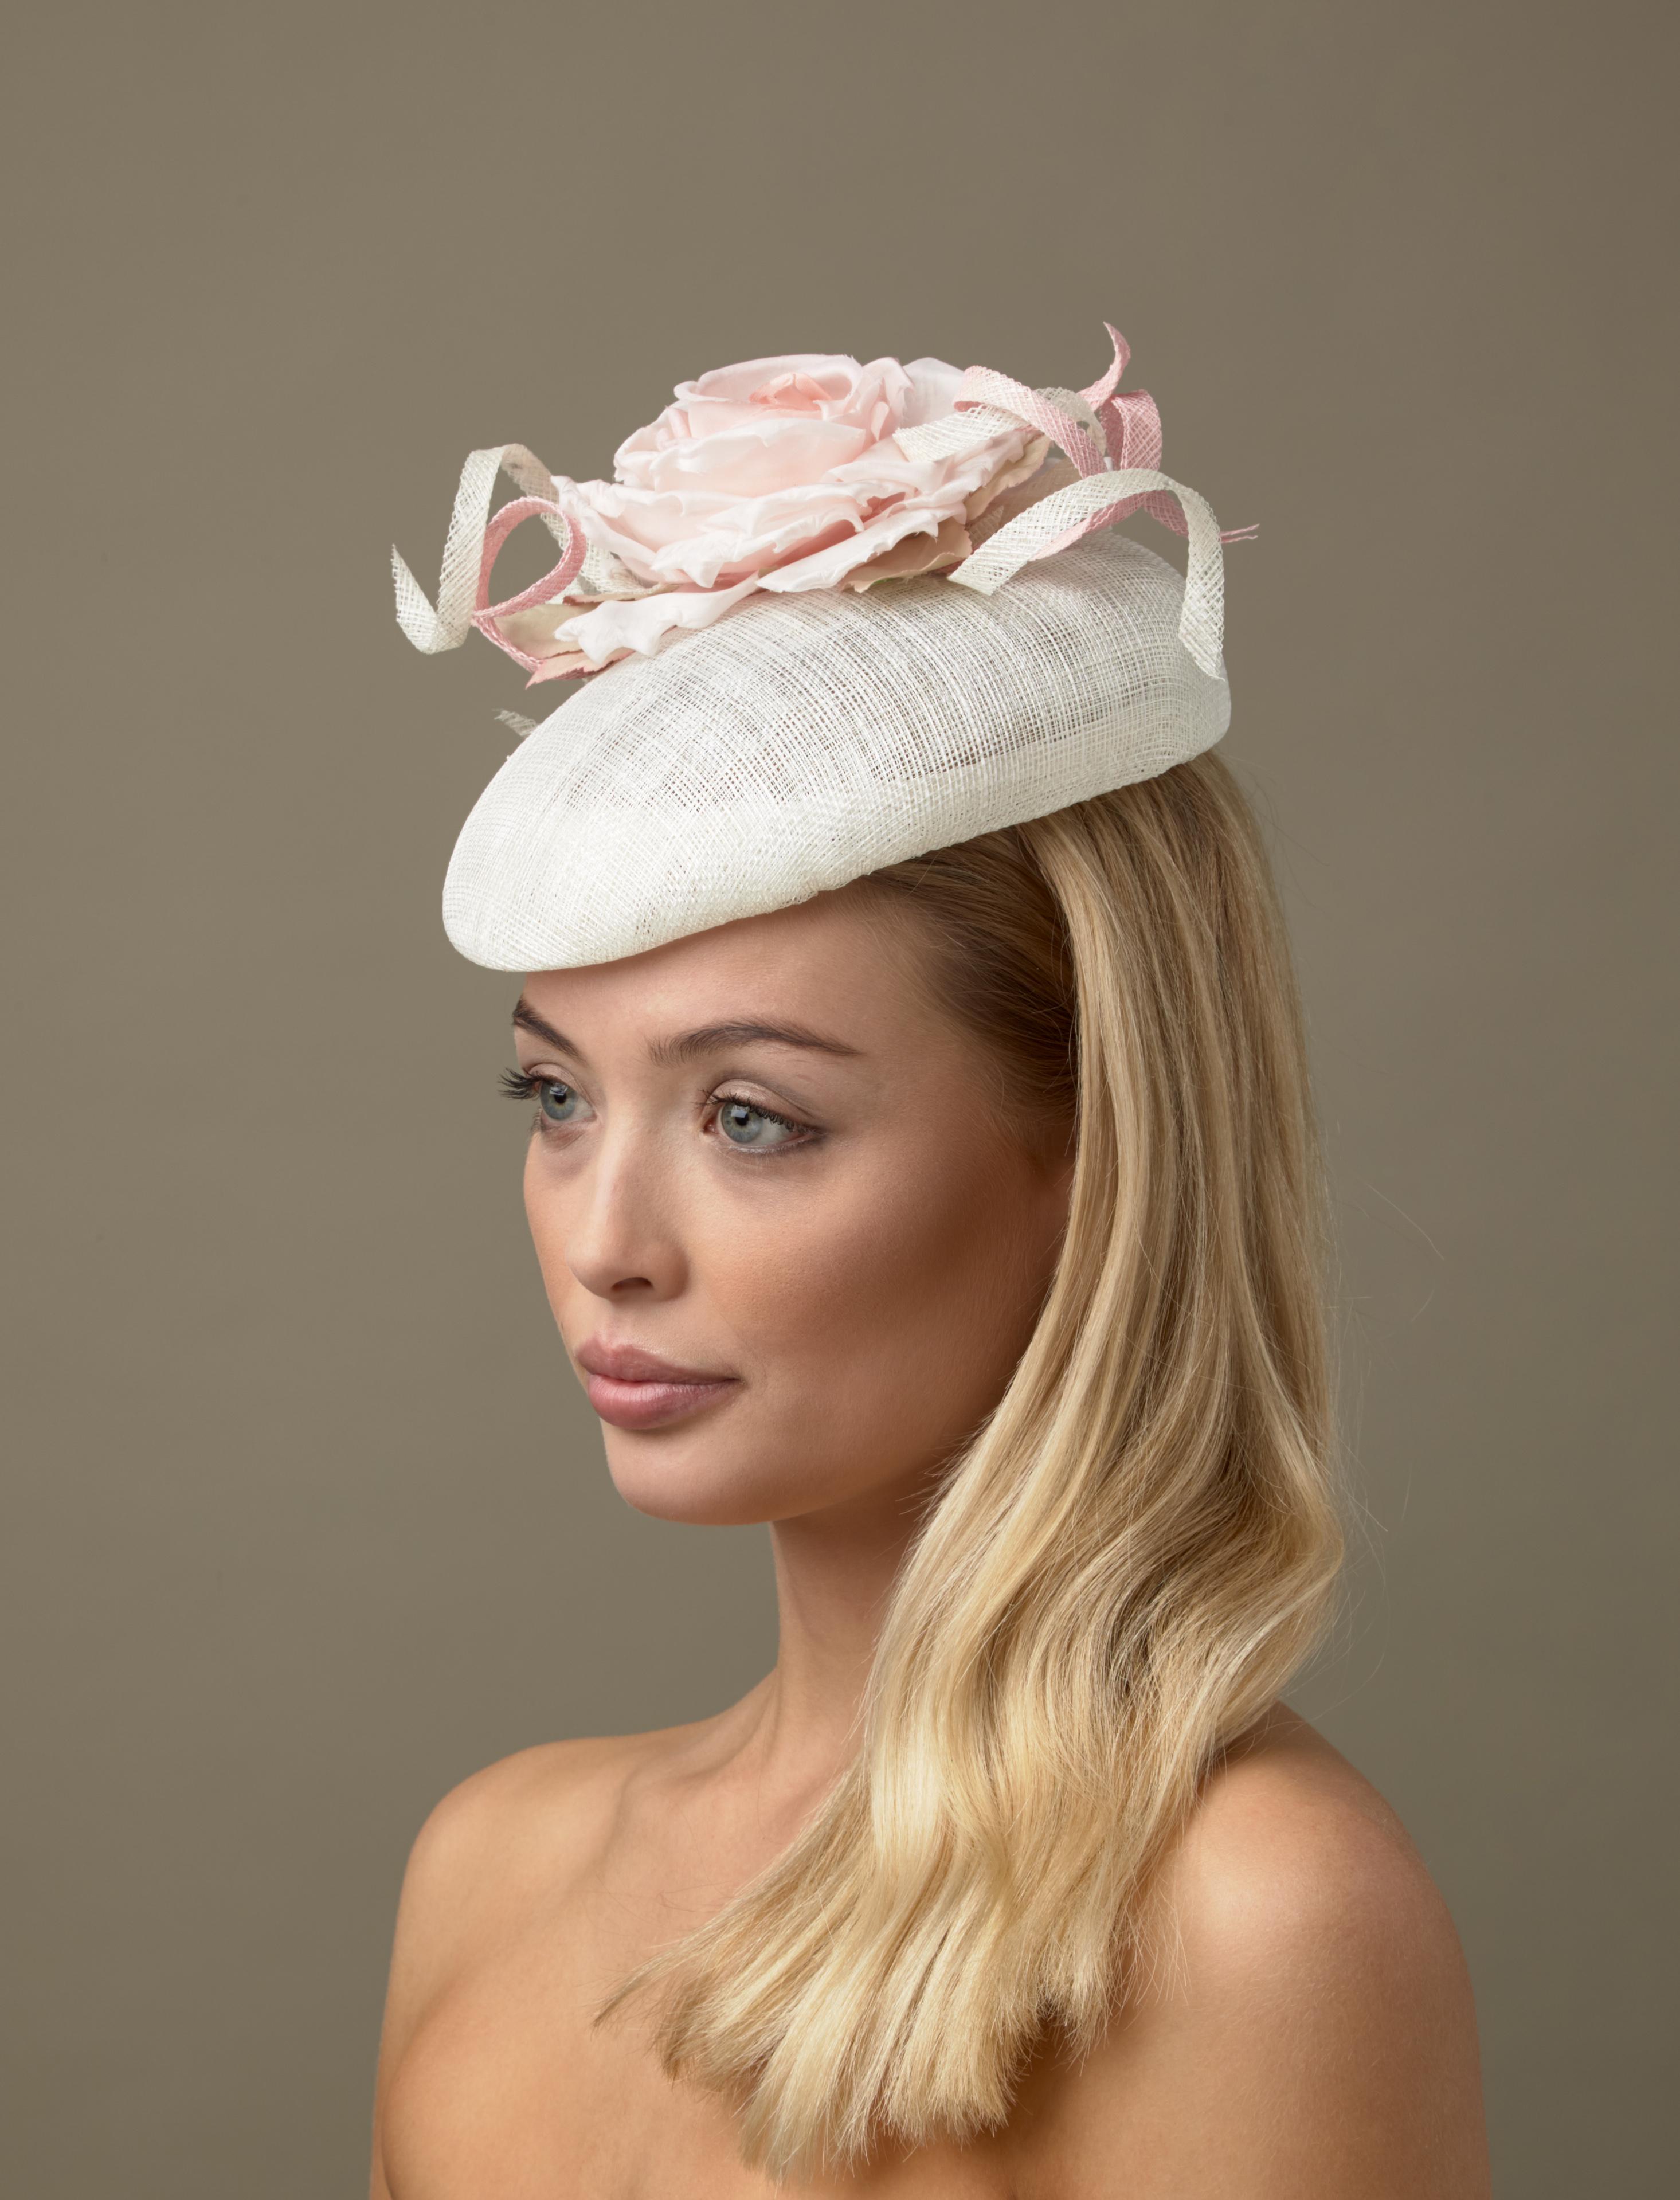 c4686351db525 Kir Pillbox Hat - Hostie Hats